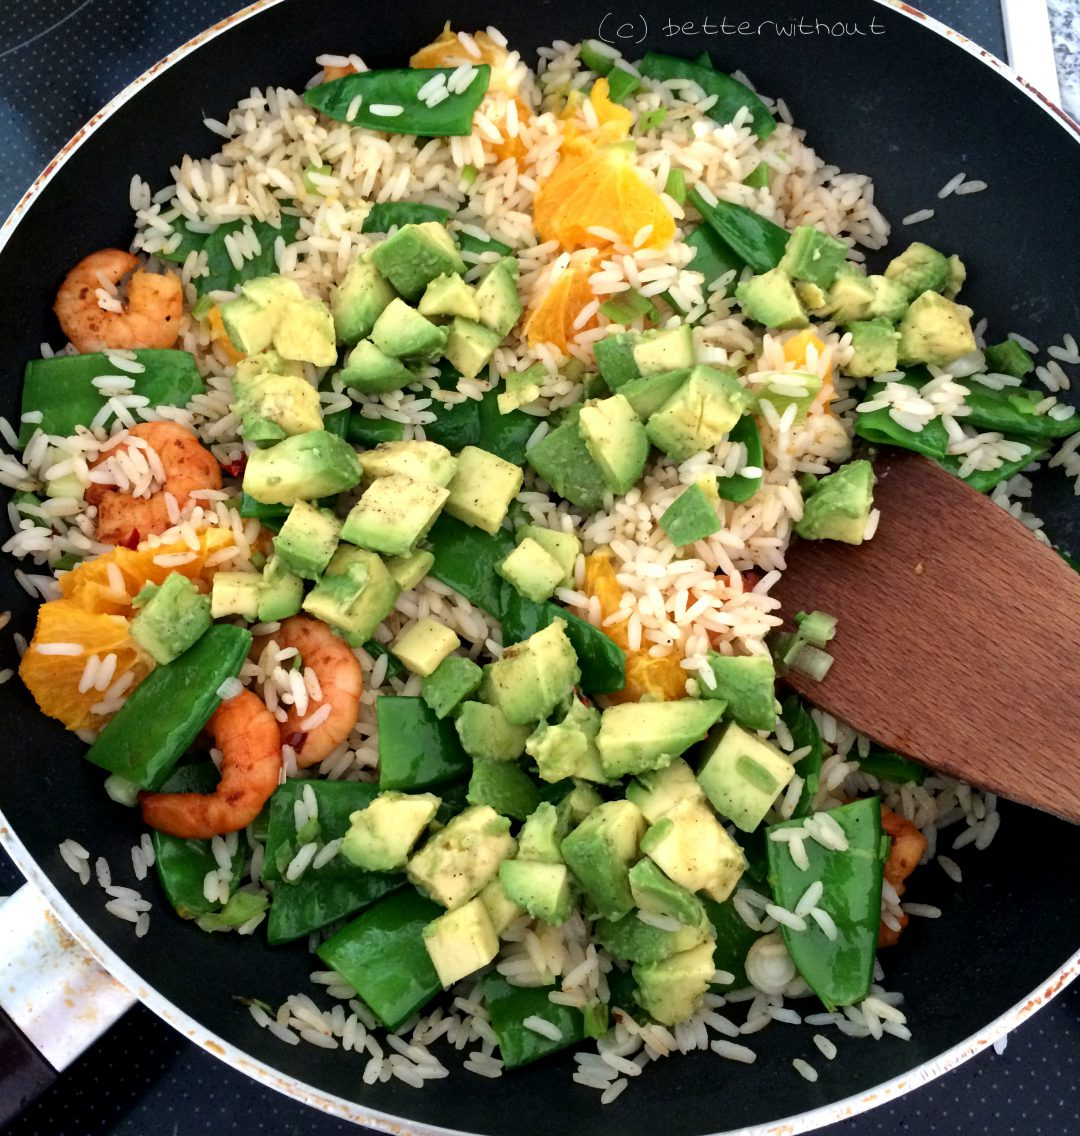 Fruchtige Reispfanne mit Scampi, Orange und Avocado